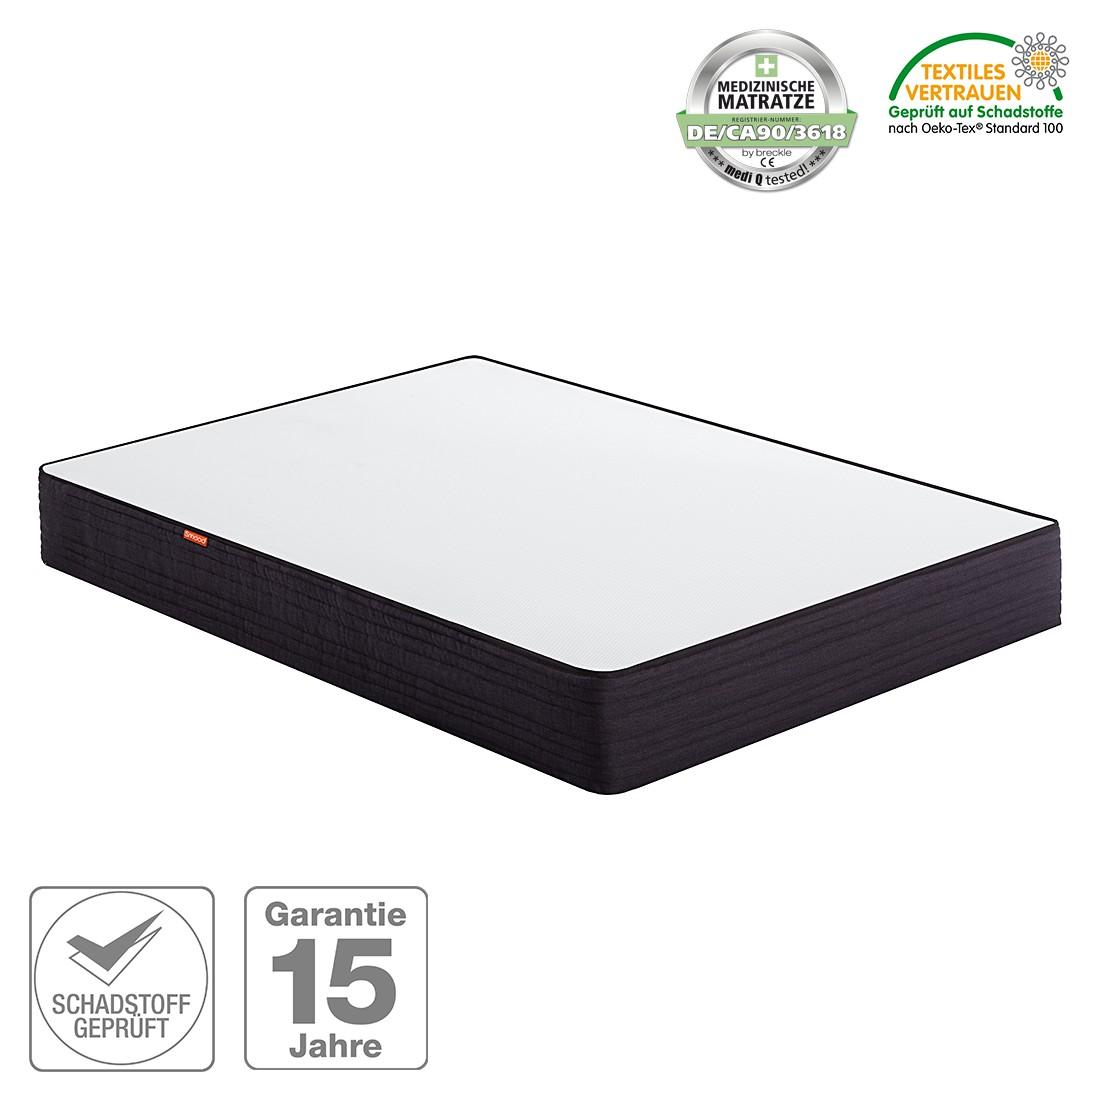 Premium Komfortmatratze Smood – 140 x 200cm, Smood günstig online kaufen